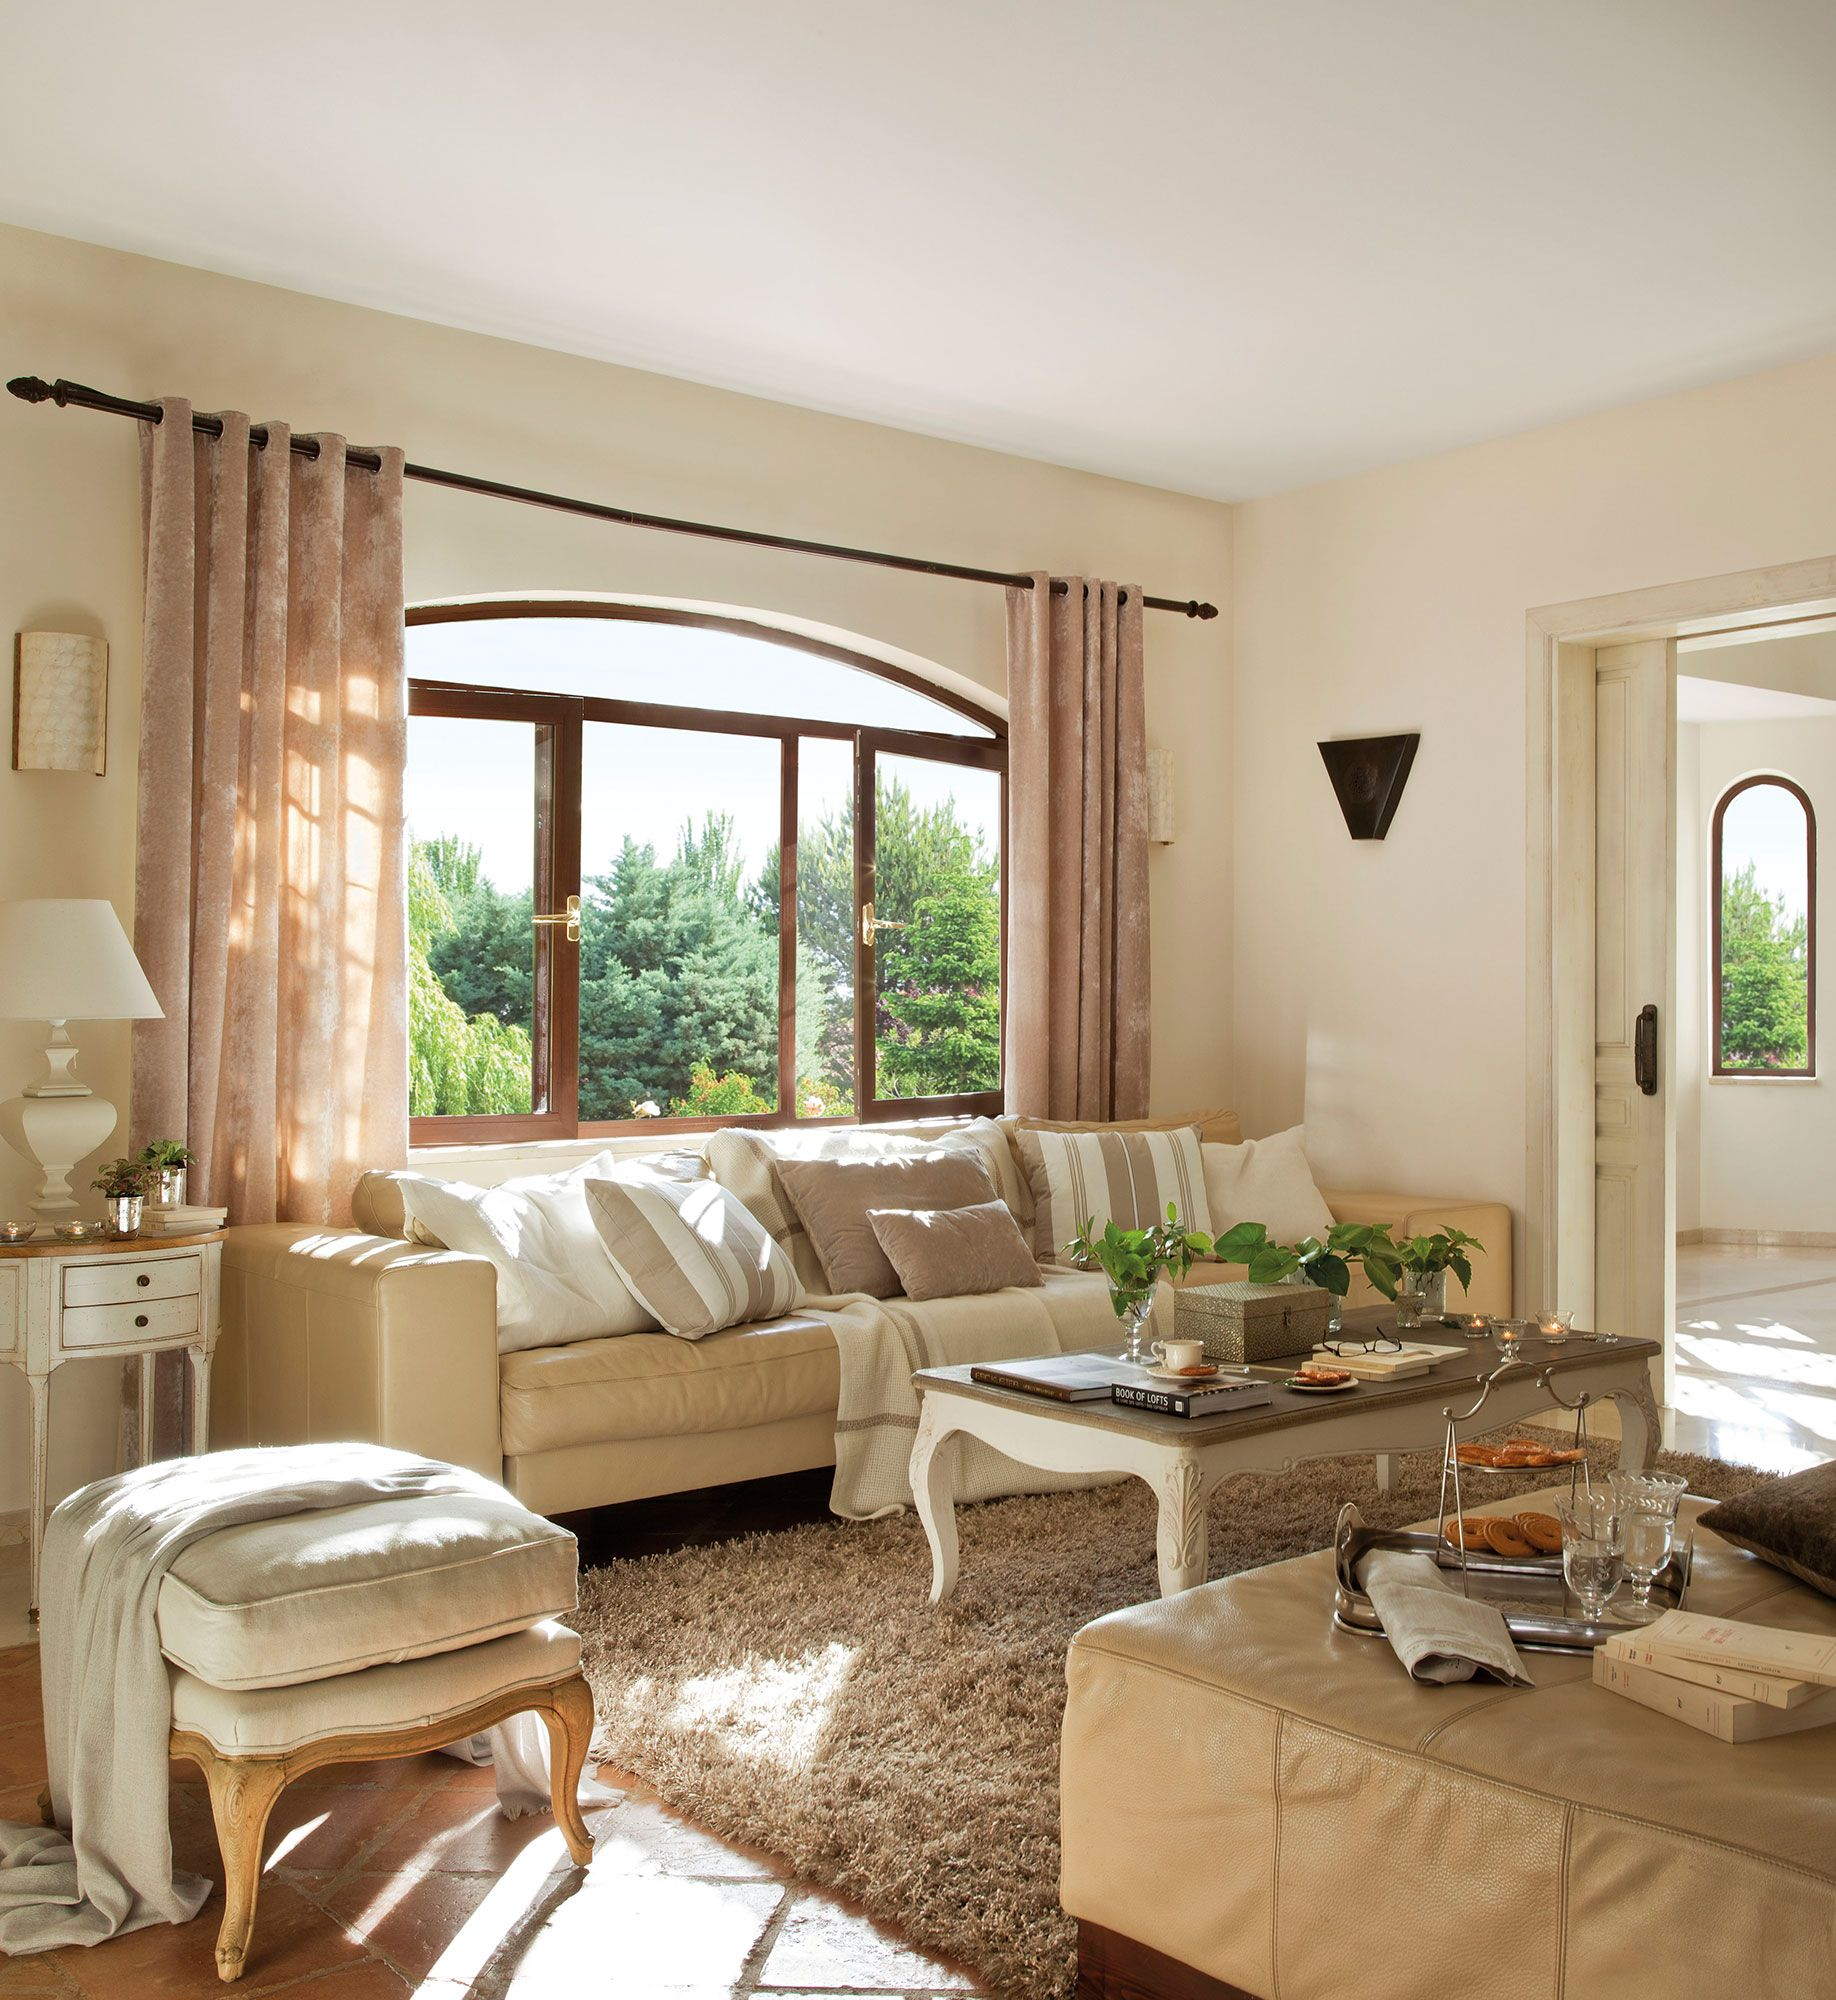 Sal n en tonos beige con ventana en arco decoraci n - Decoracion salones grandes ...